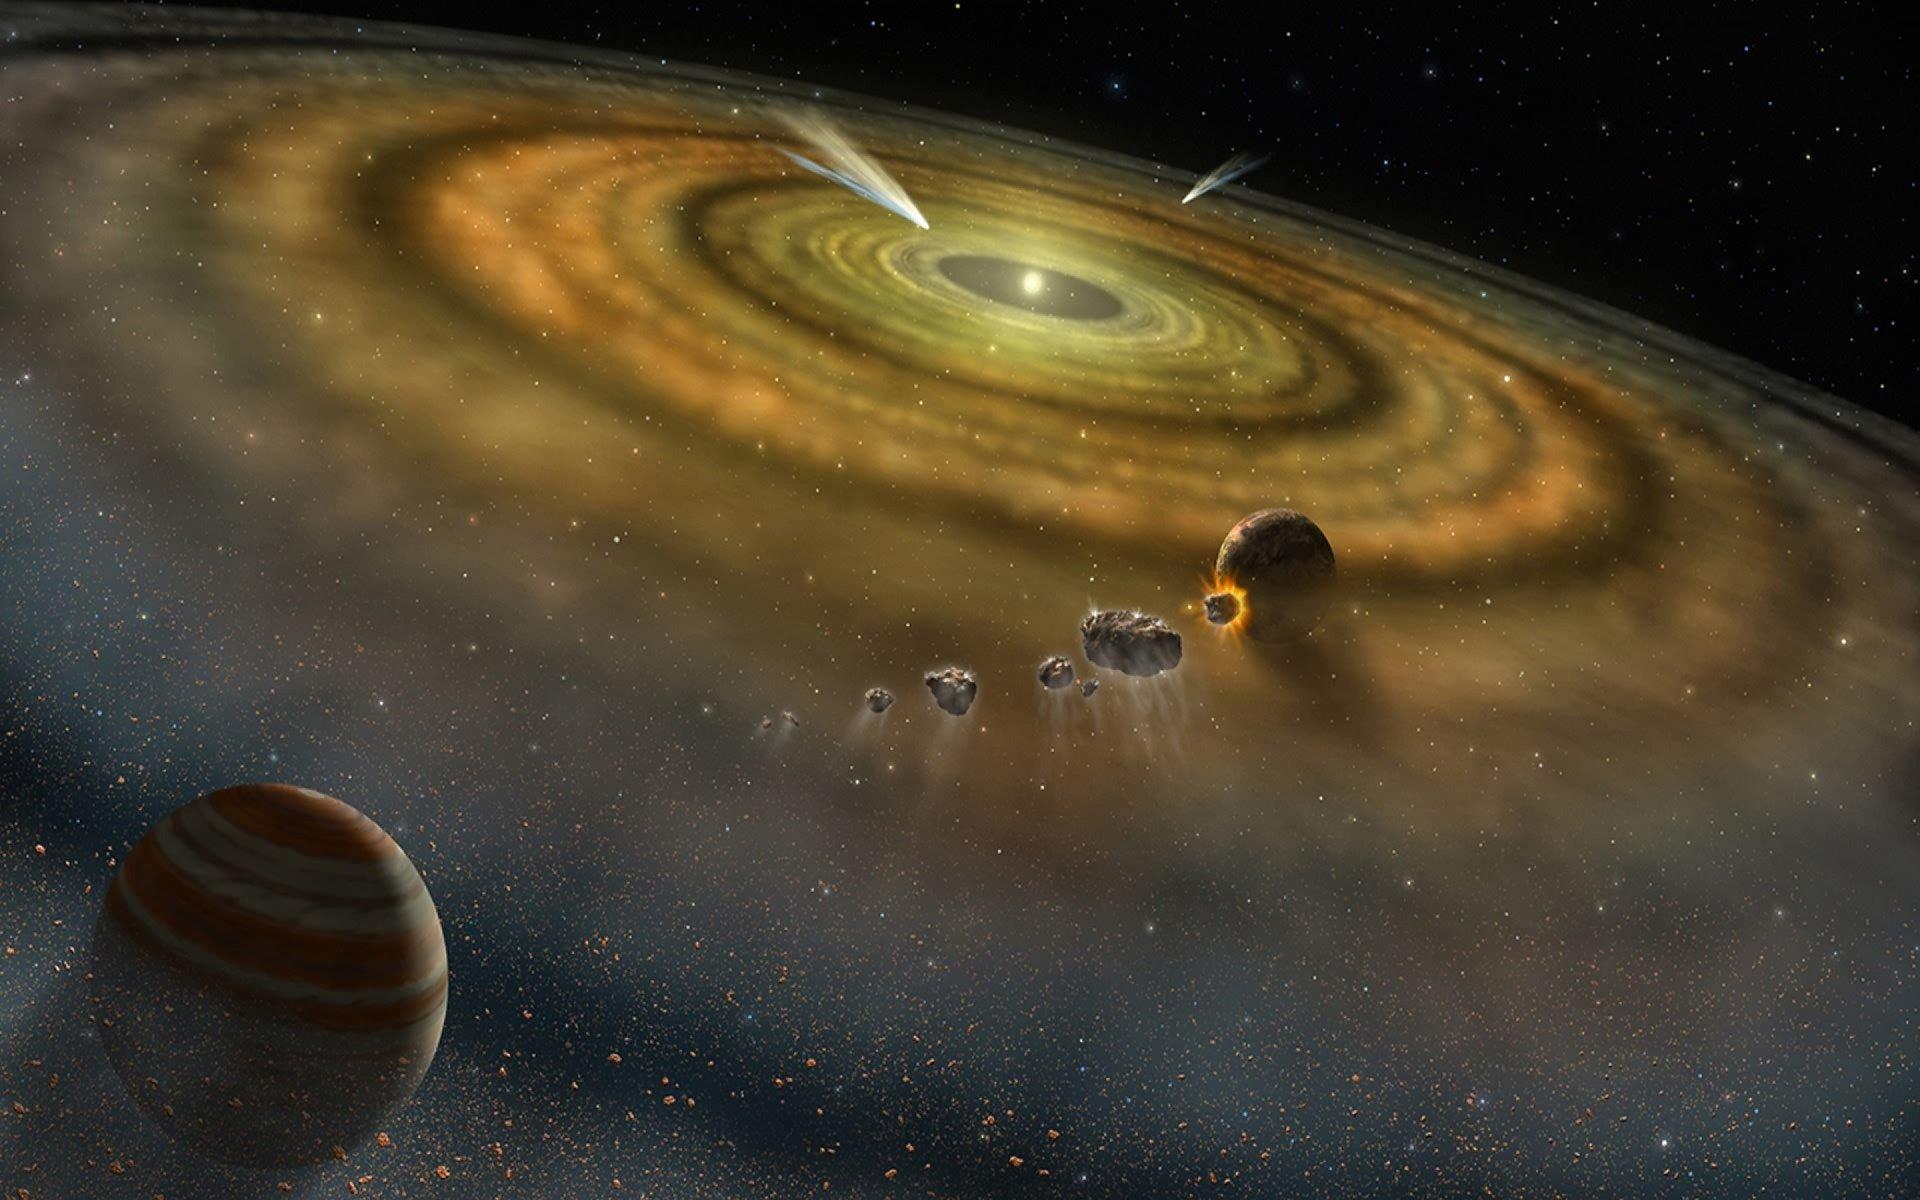 یافتههای جدید نشان میدهند بیشتر نیتروژن زمین نشأت گرفته از اطراف خود زمین است